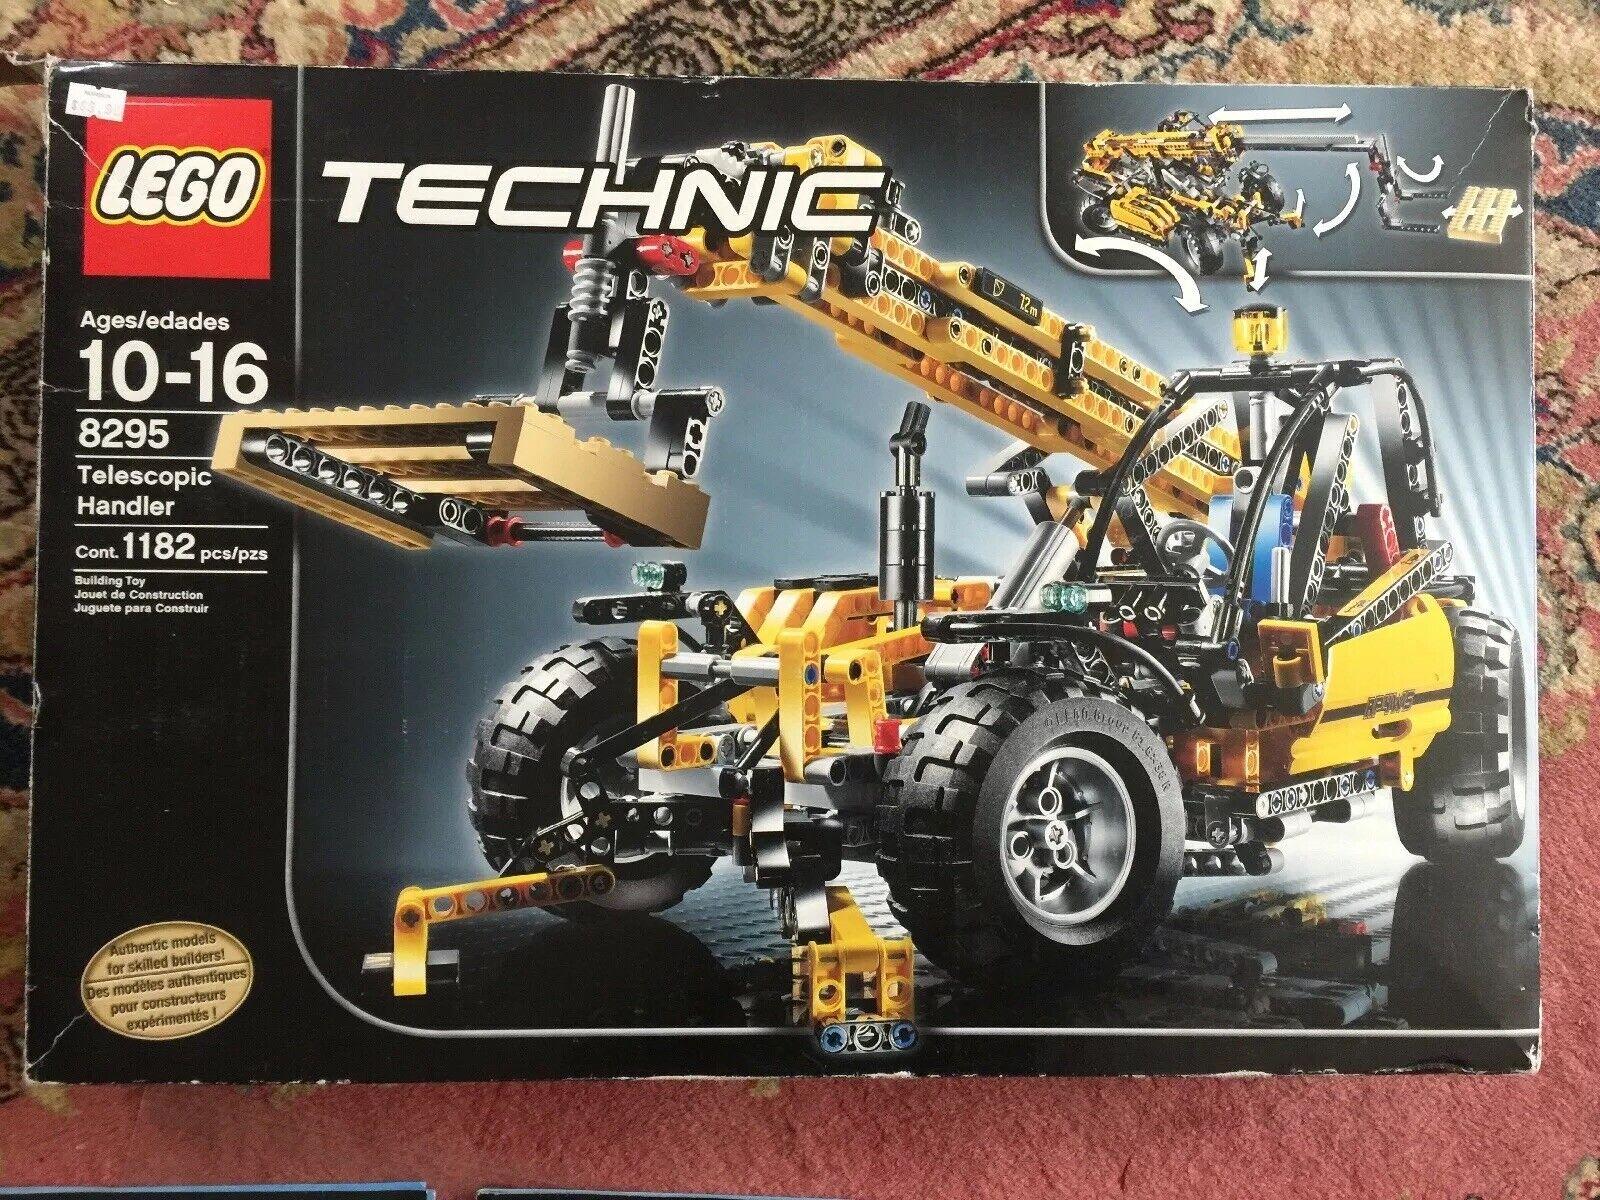 Lego Technic 8295 Pegatinas de administrador de material de construcción telescópica completa en